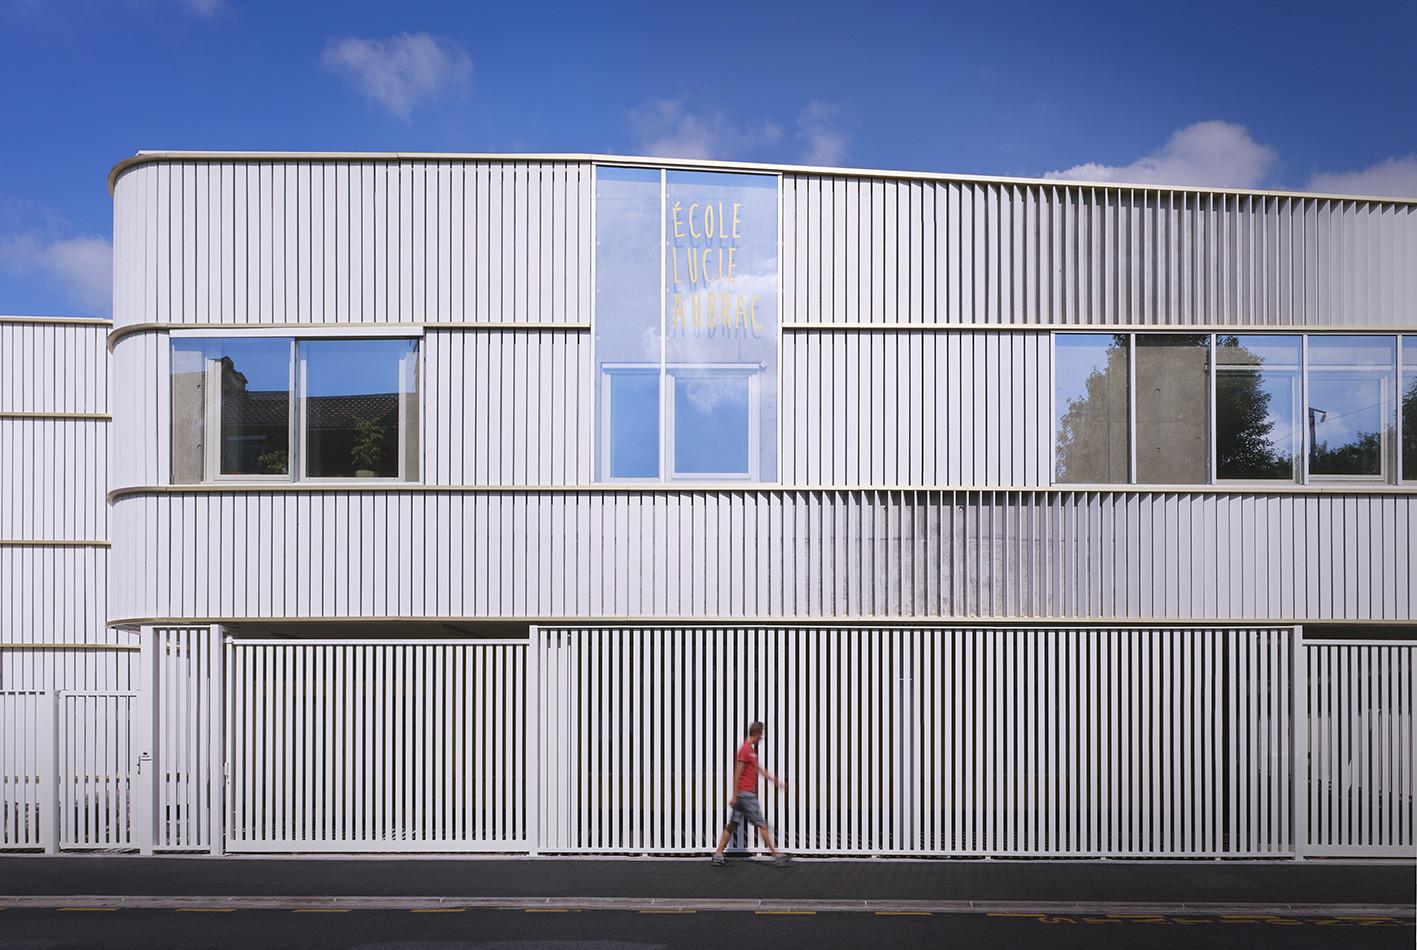 Lucie Aubrac School / Saison Menu Architectes Urbanistes, © Julien Lanoo